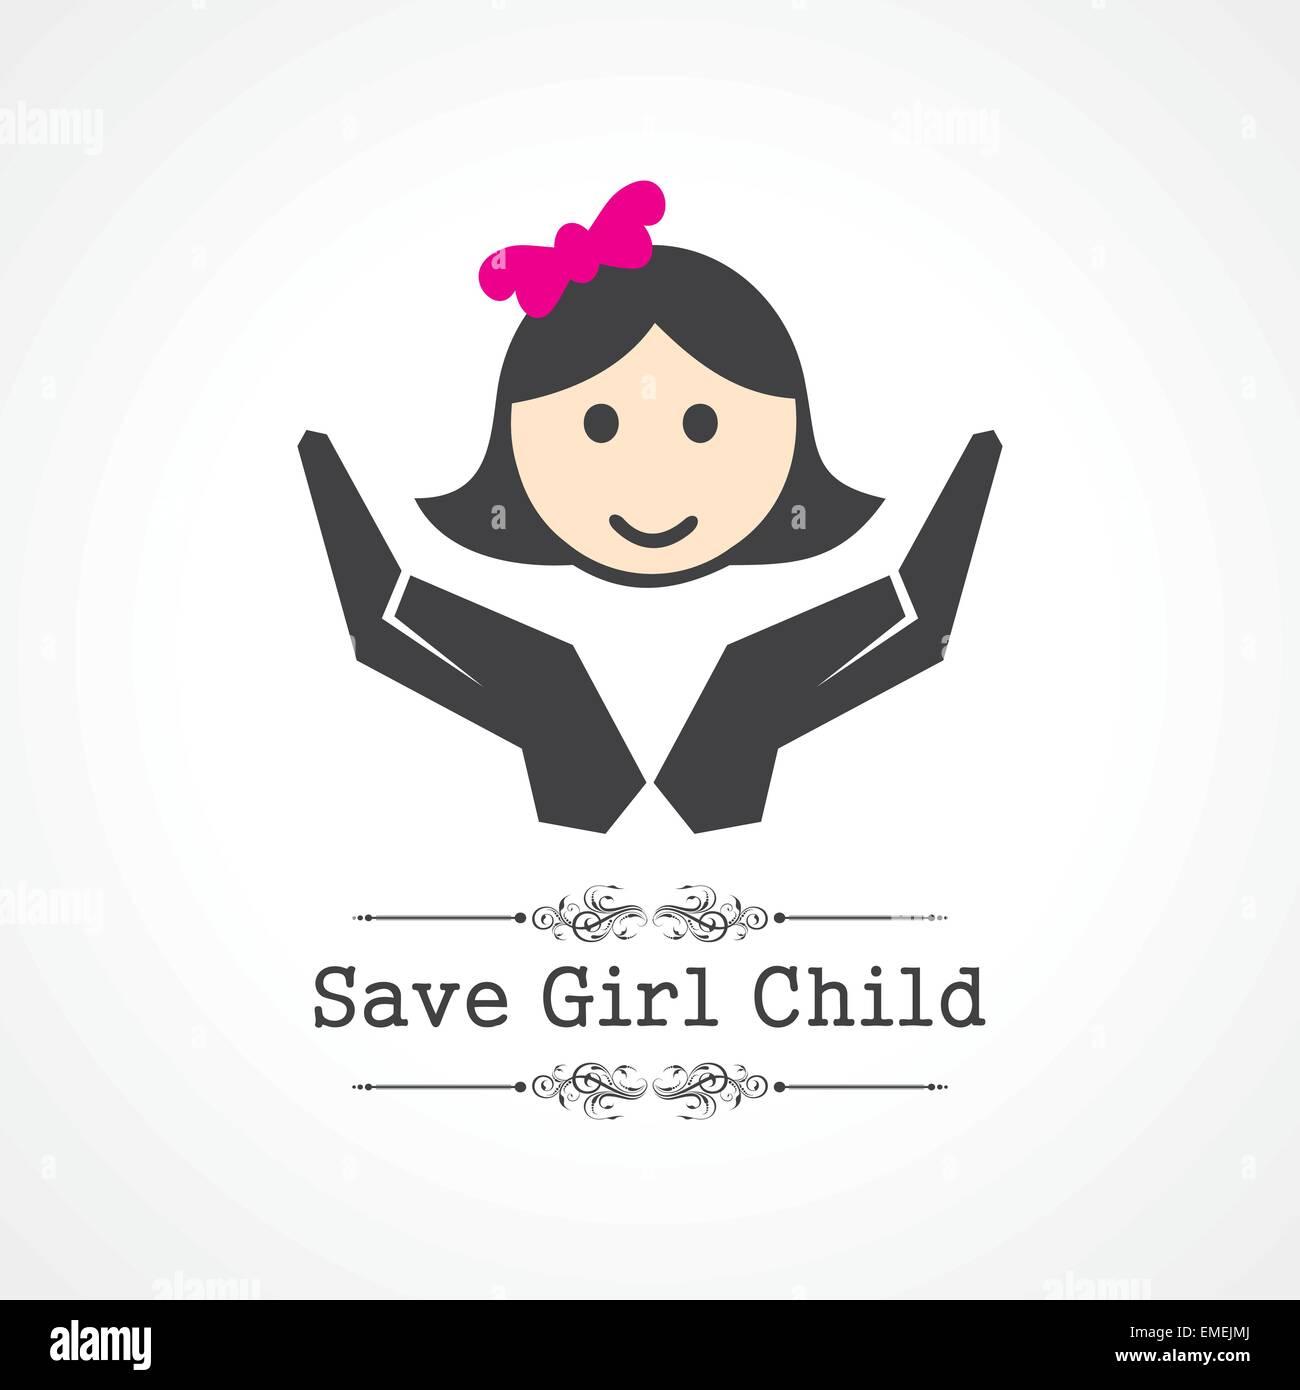 save girl child essays Speech on save the girl child in hindi - एक बेटी पिता के लिए कोई बोझ या जिम्मेदारी नहीं है, बल्कि उसकी शान और पहचान का एक हिस्सा है। बेटी बचाओ, बेटी पढ़ाओ.